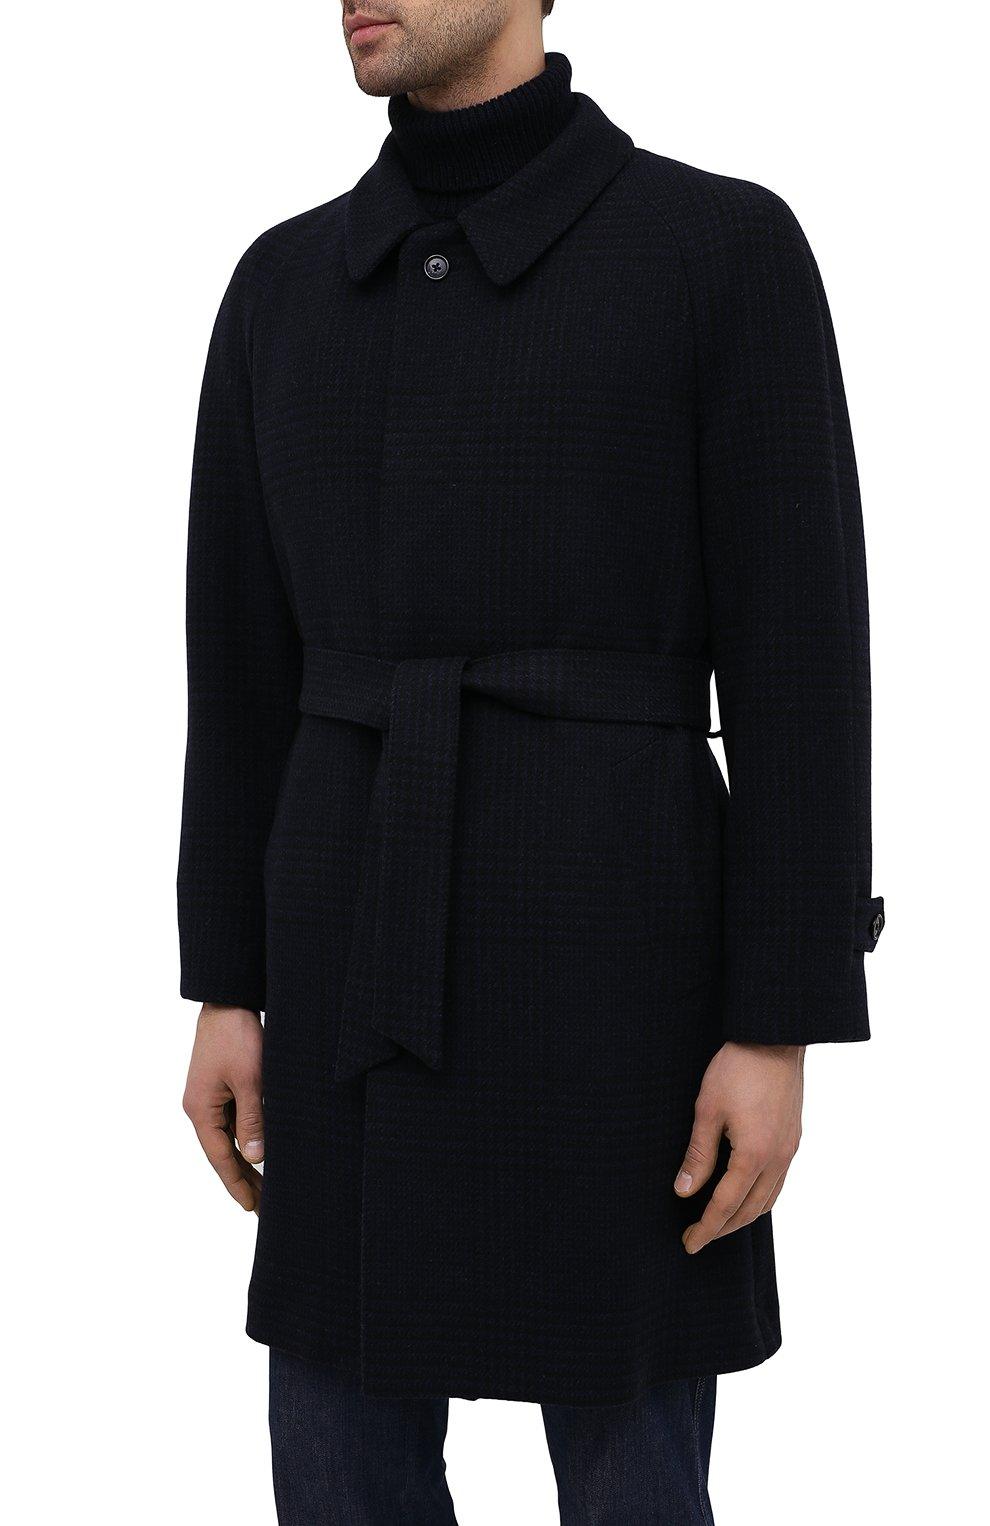 Мужской пальто из шерсти и кашемира CORNELIANI темно-синего цвета, арт. 861407-0812170/00 | Фото 3 (Материал внешний: Шерсть; Рукава: Длинные; Стили: Классический, Кэжуэл; Мужское Кросс-КТ: Верхняя одежда, пальто-верхняя одежда; Материал подклада: Вискоза)